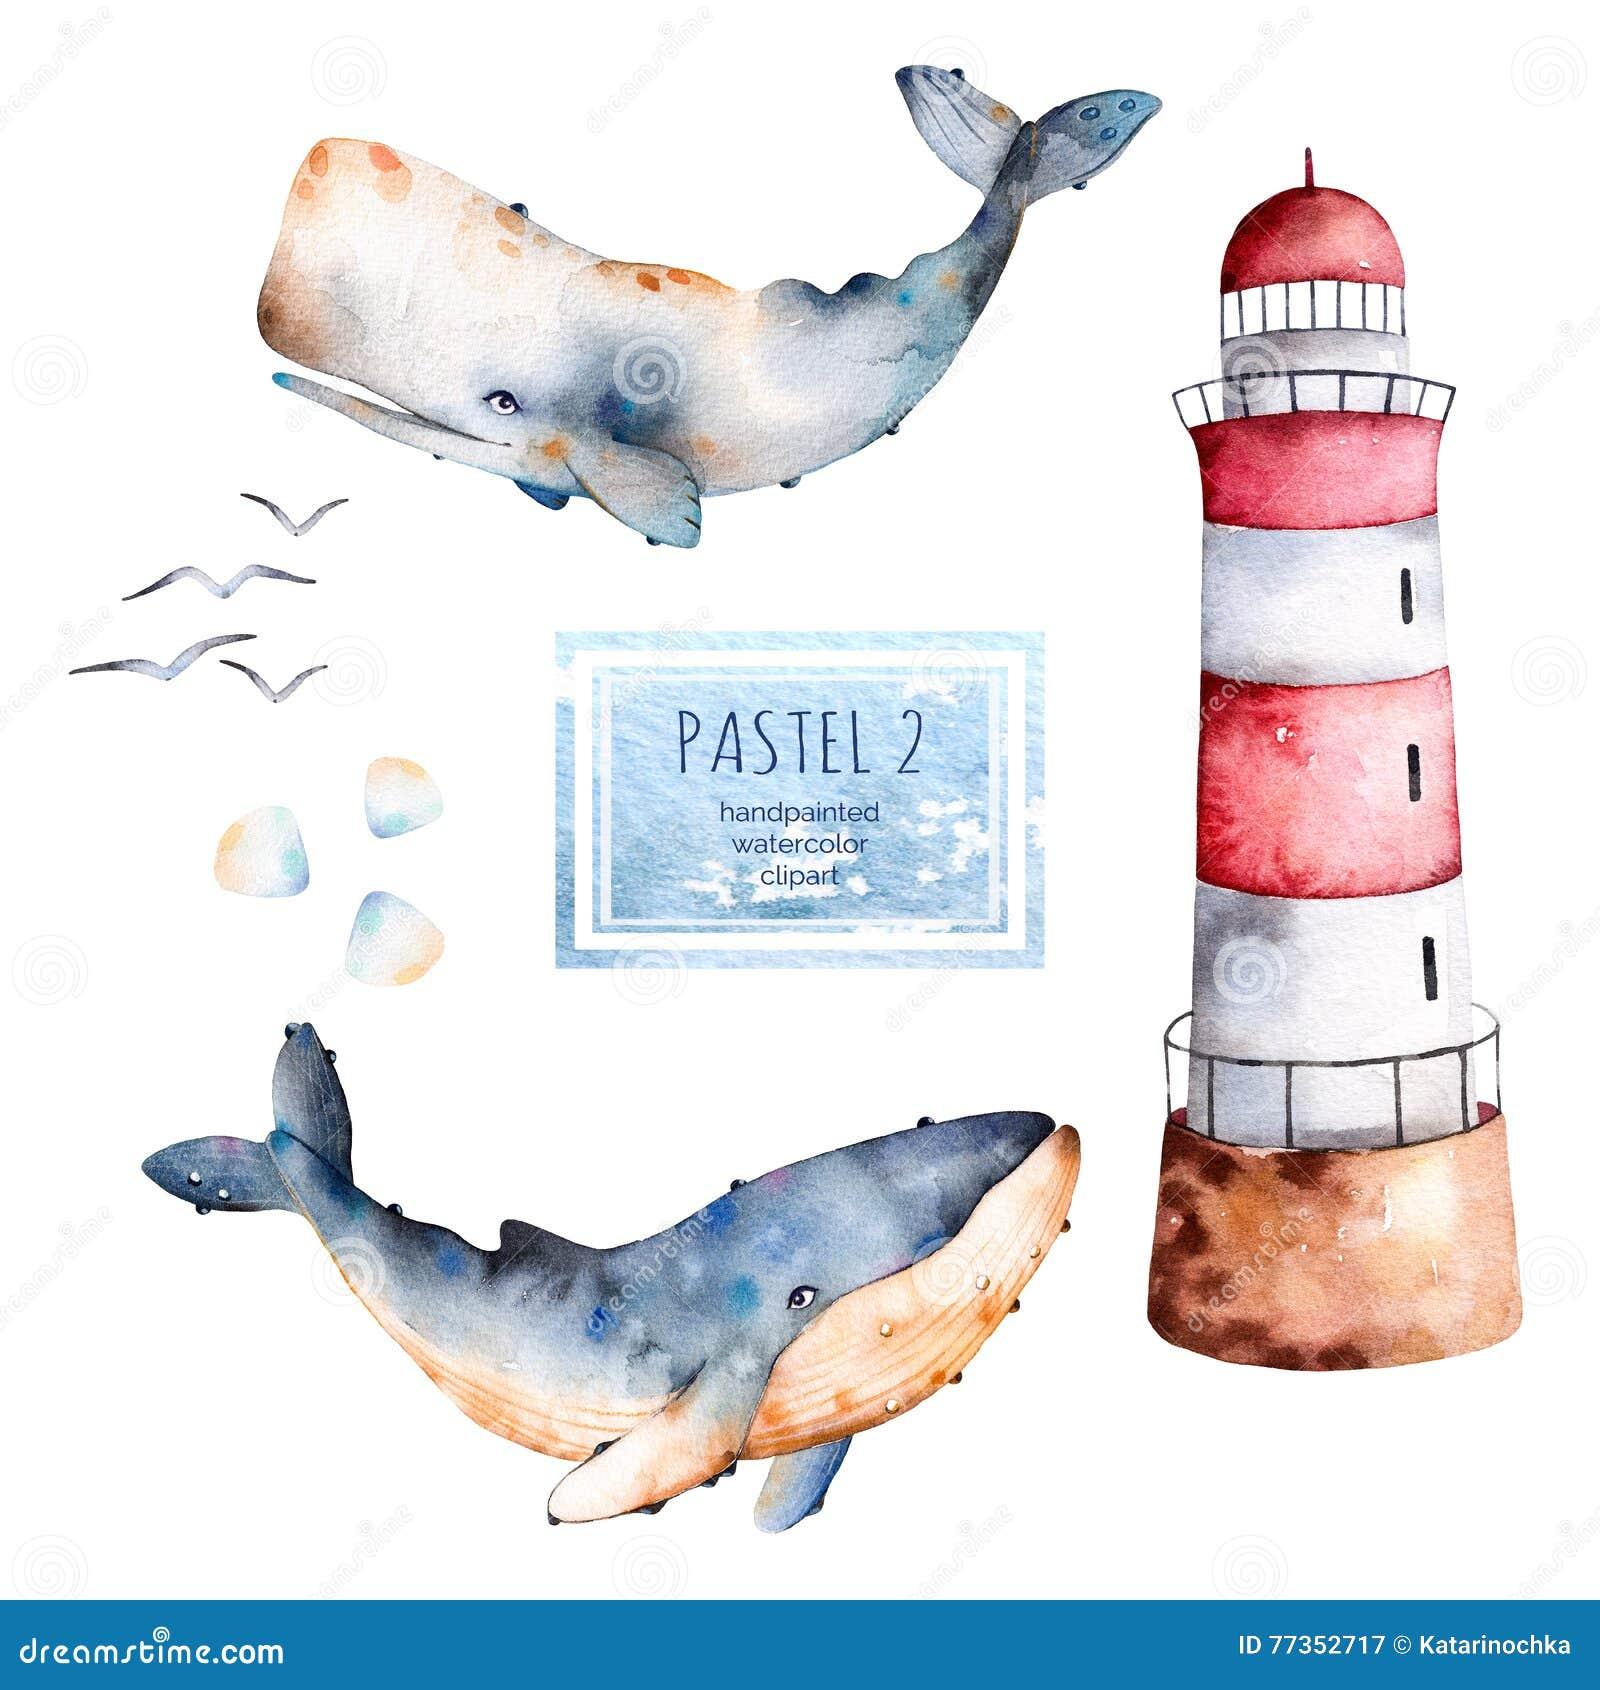 Baleias, conchas do mar e farol handpainted da aquarela nas cores pastel